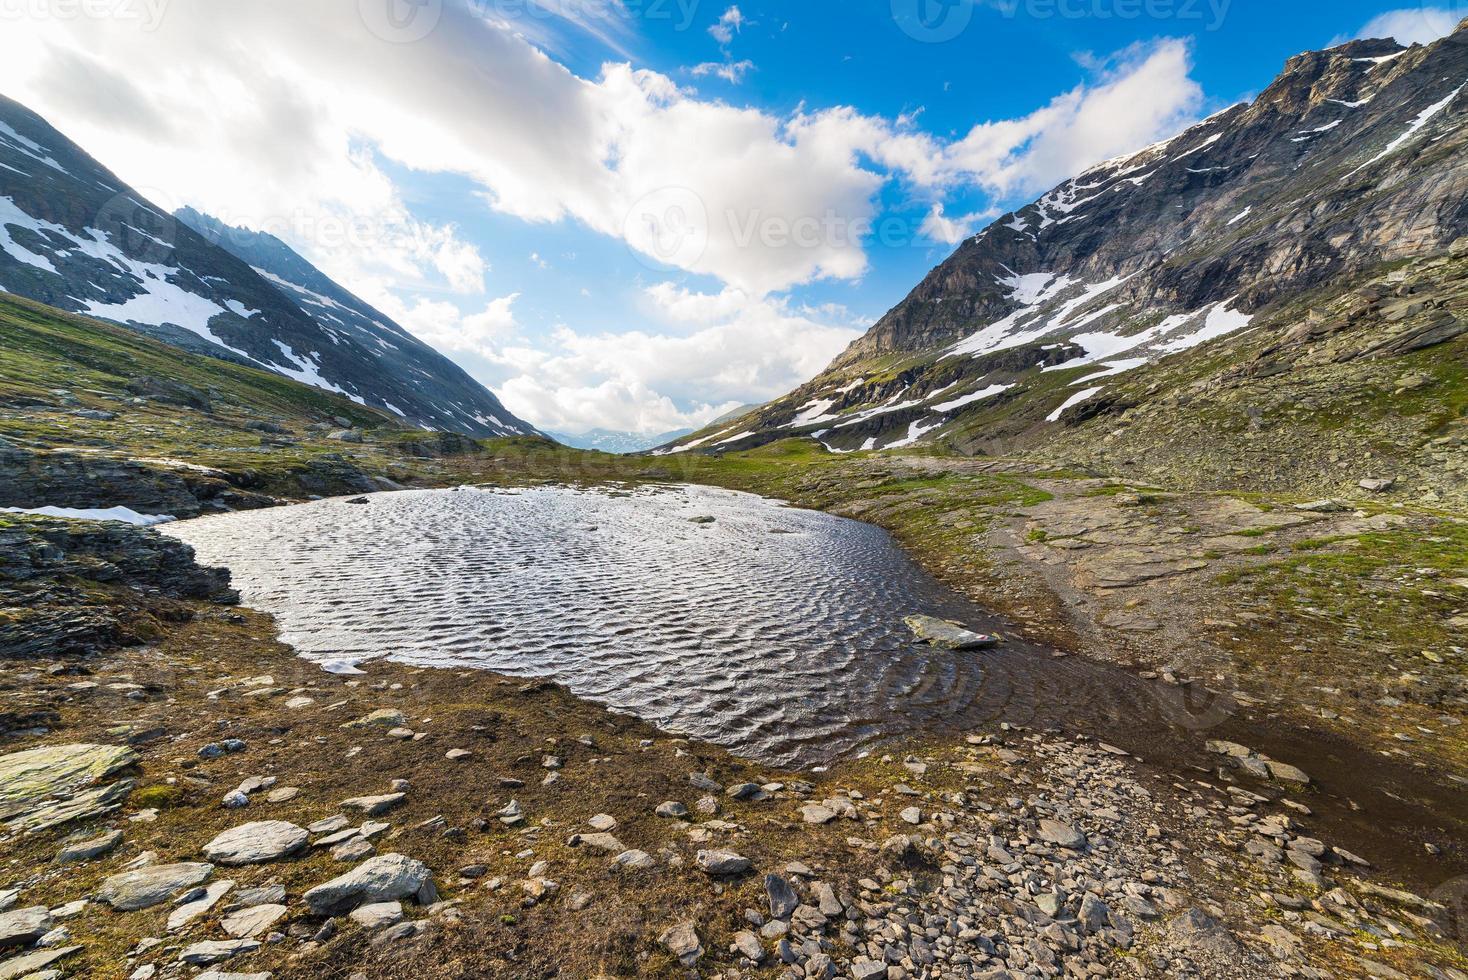 pequeno lago em grande altitude nos Alpes foto